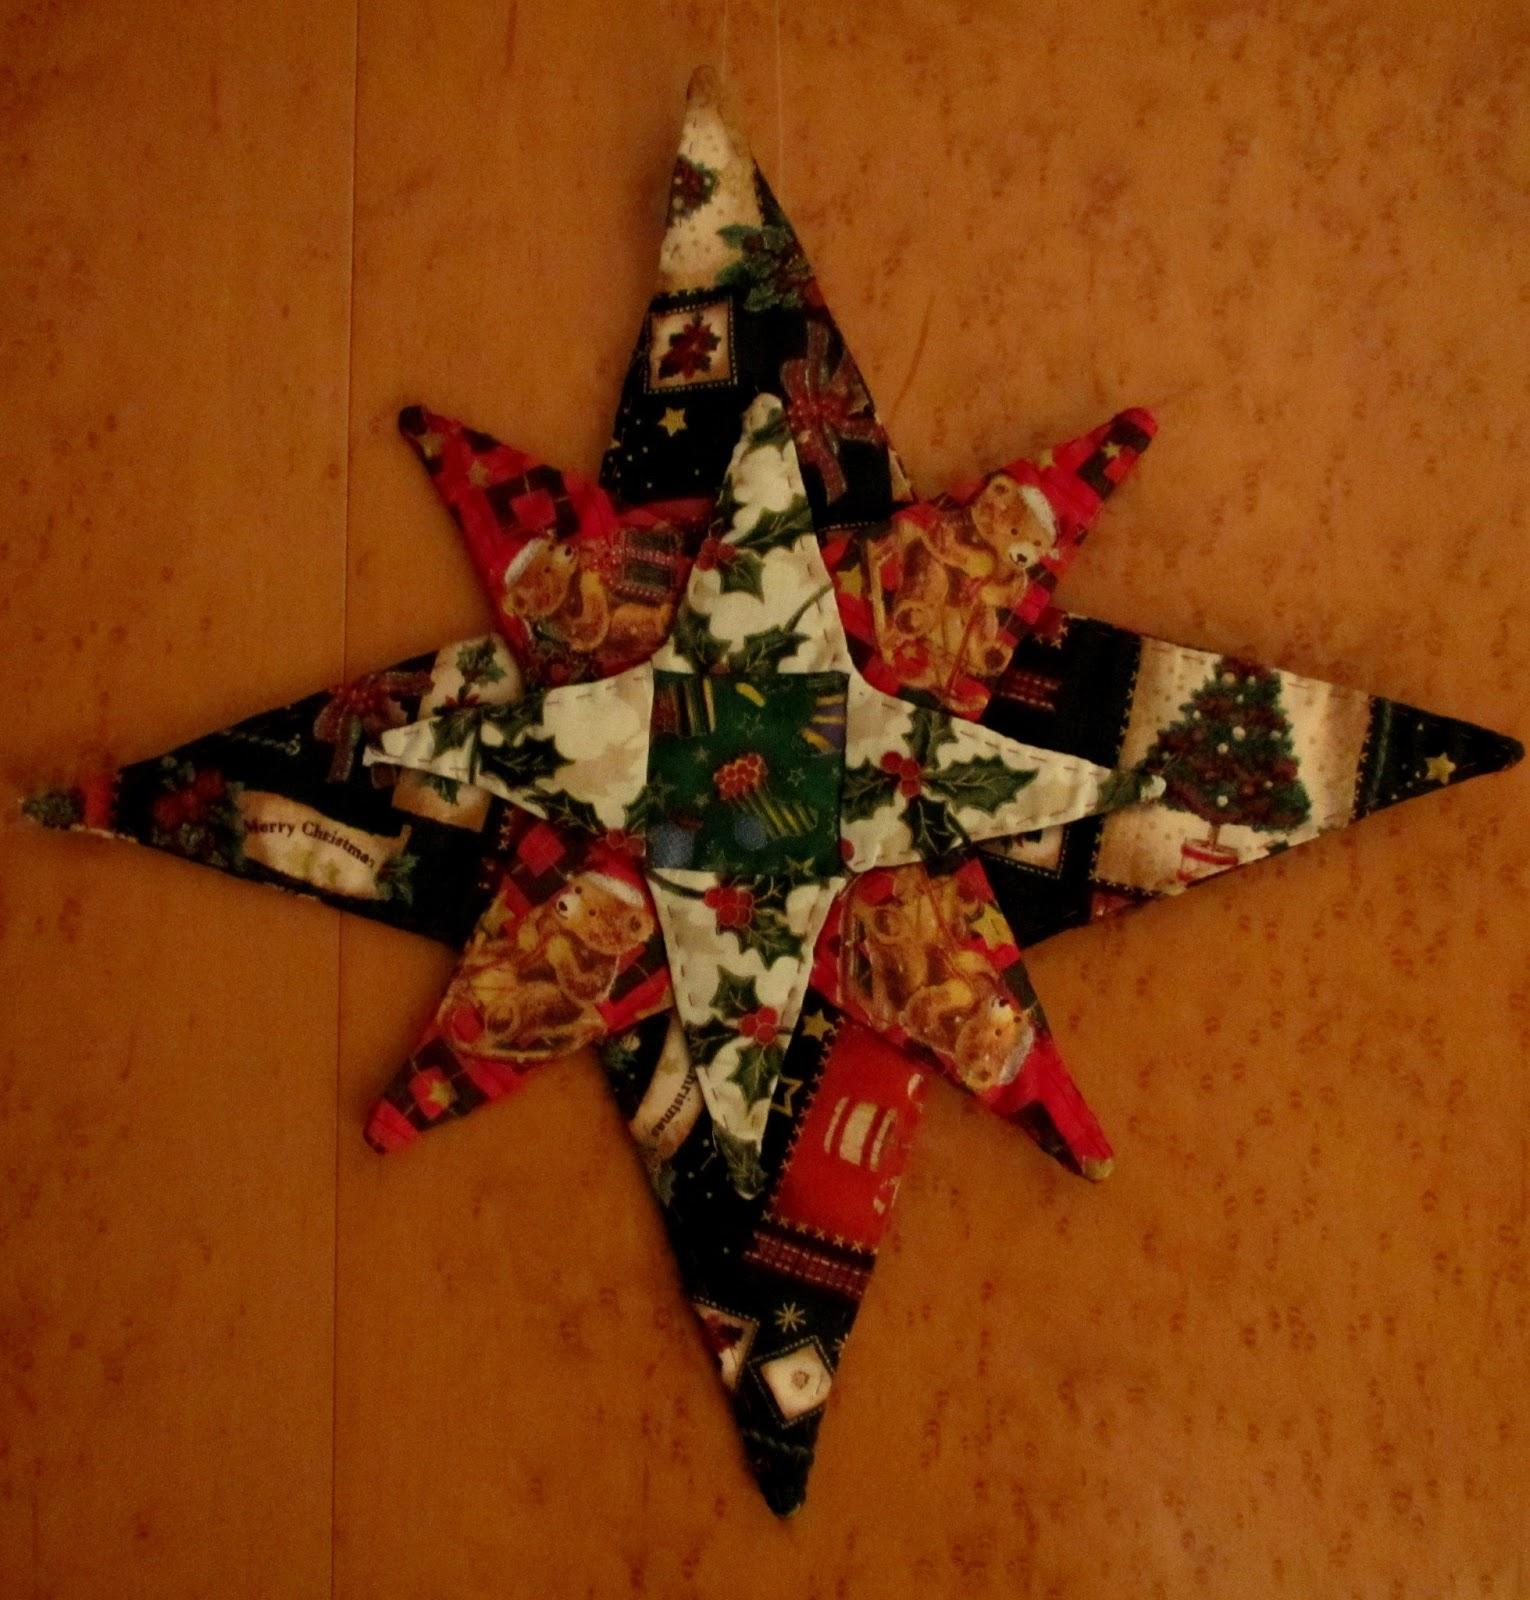 Momentos de patchwork detalles de navidad for Detalles de navidad